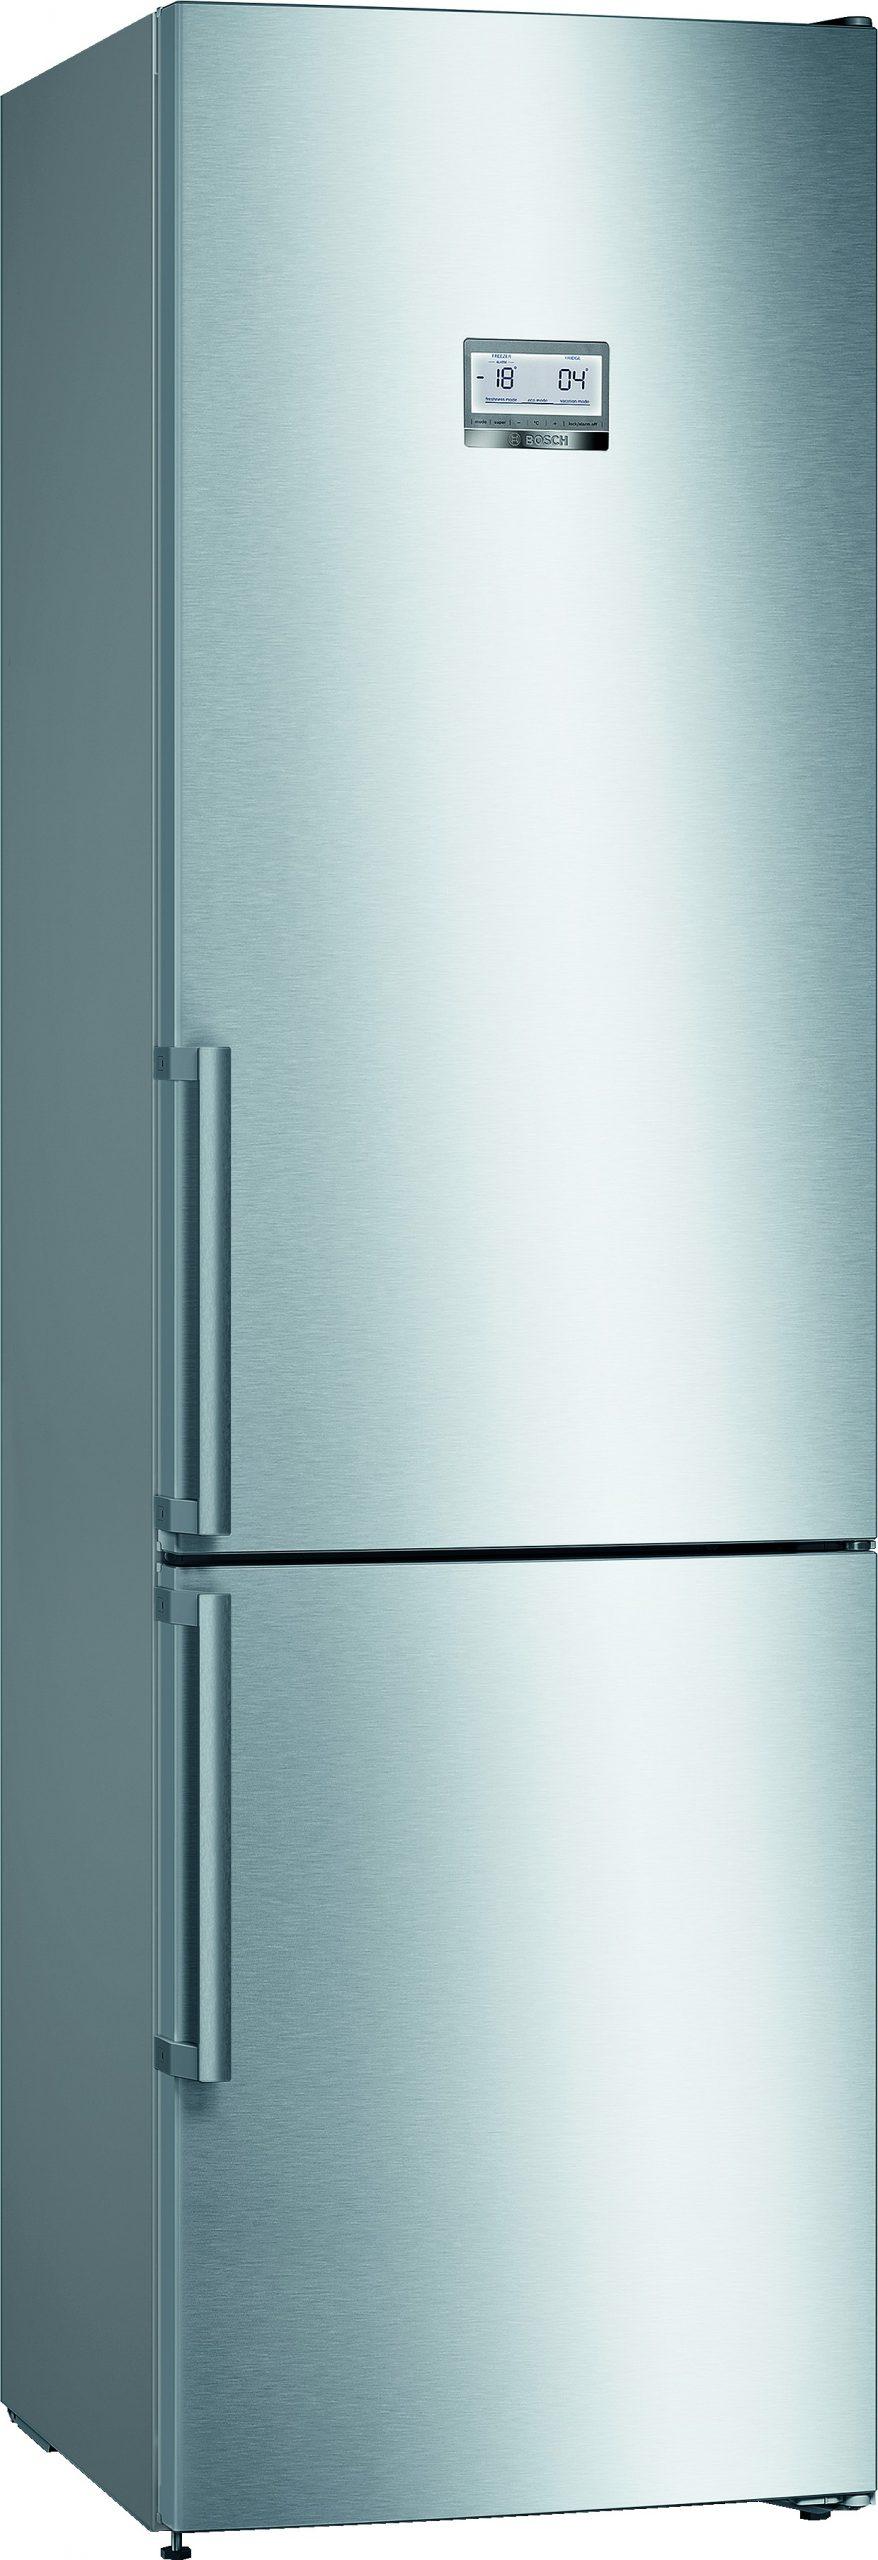 Bosch KGN39HIEP koelkast met vriesvak